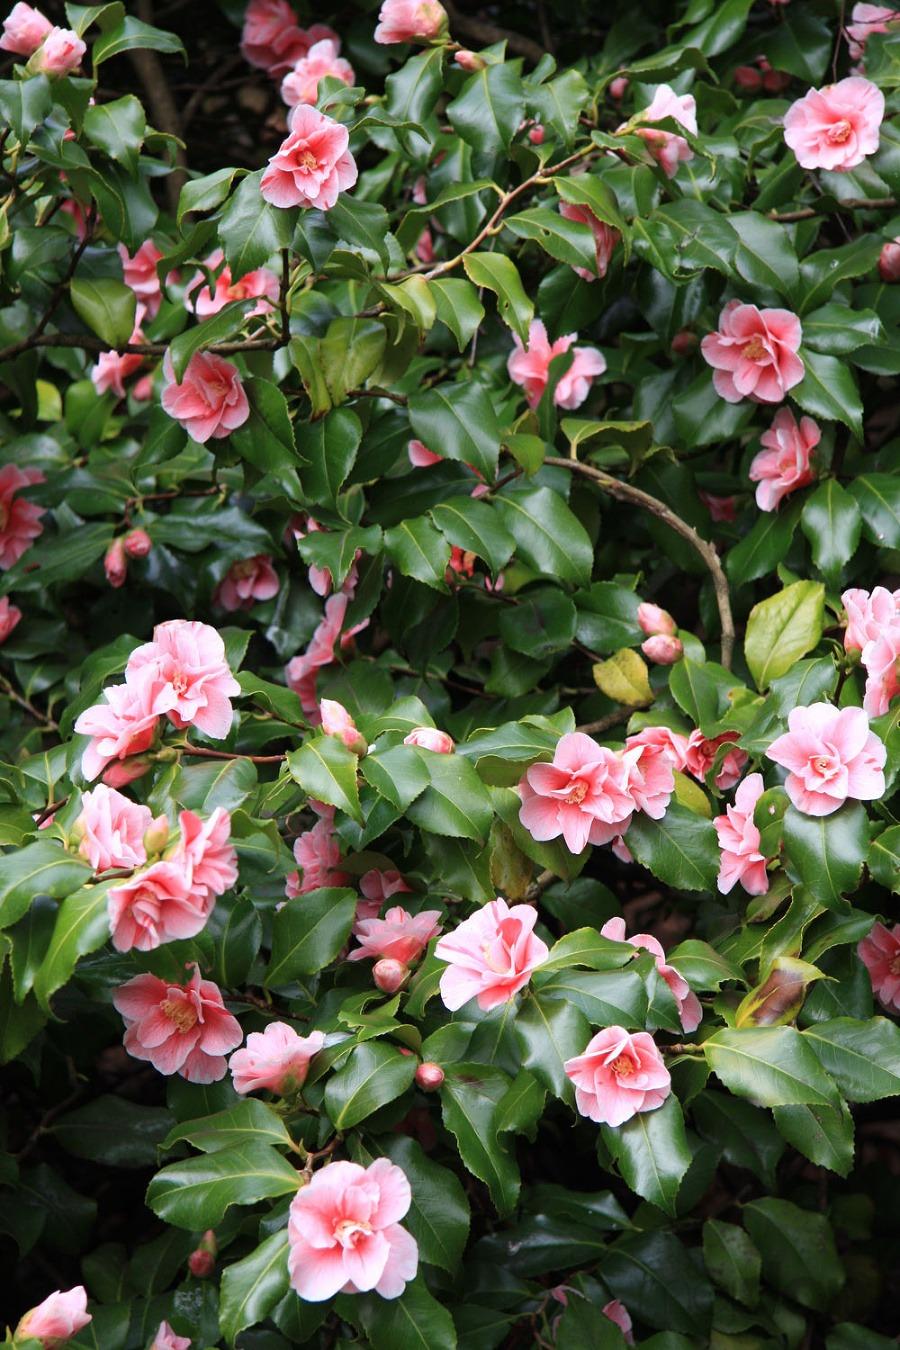 Tipy na ZIMU pre záhradkárov – galéria Mojdom sk 0e3caa7e774